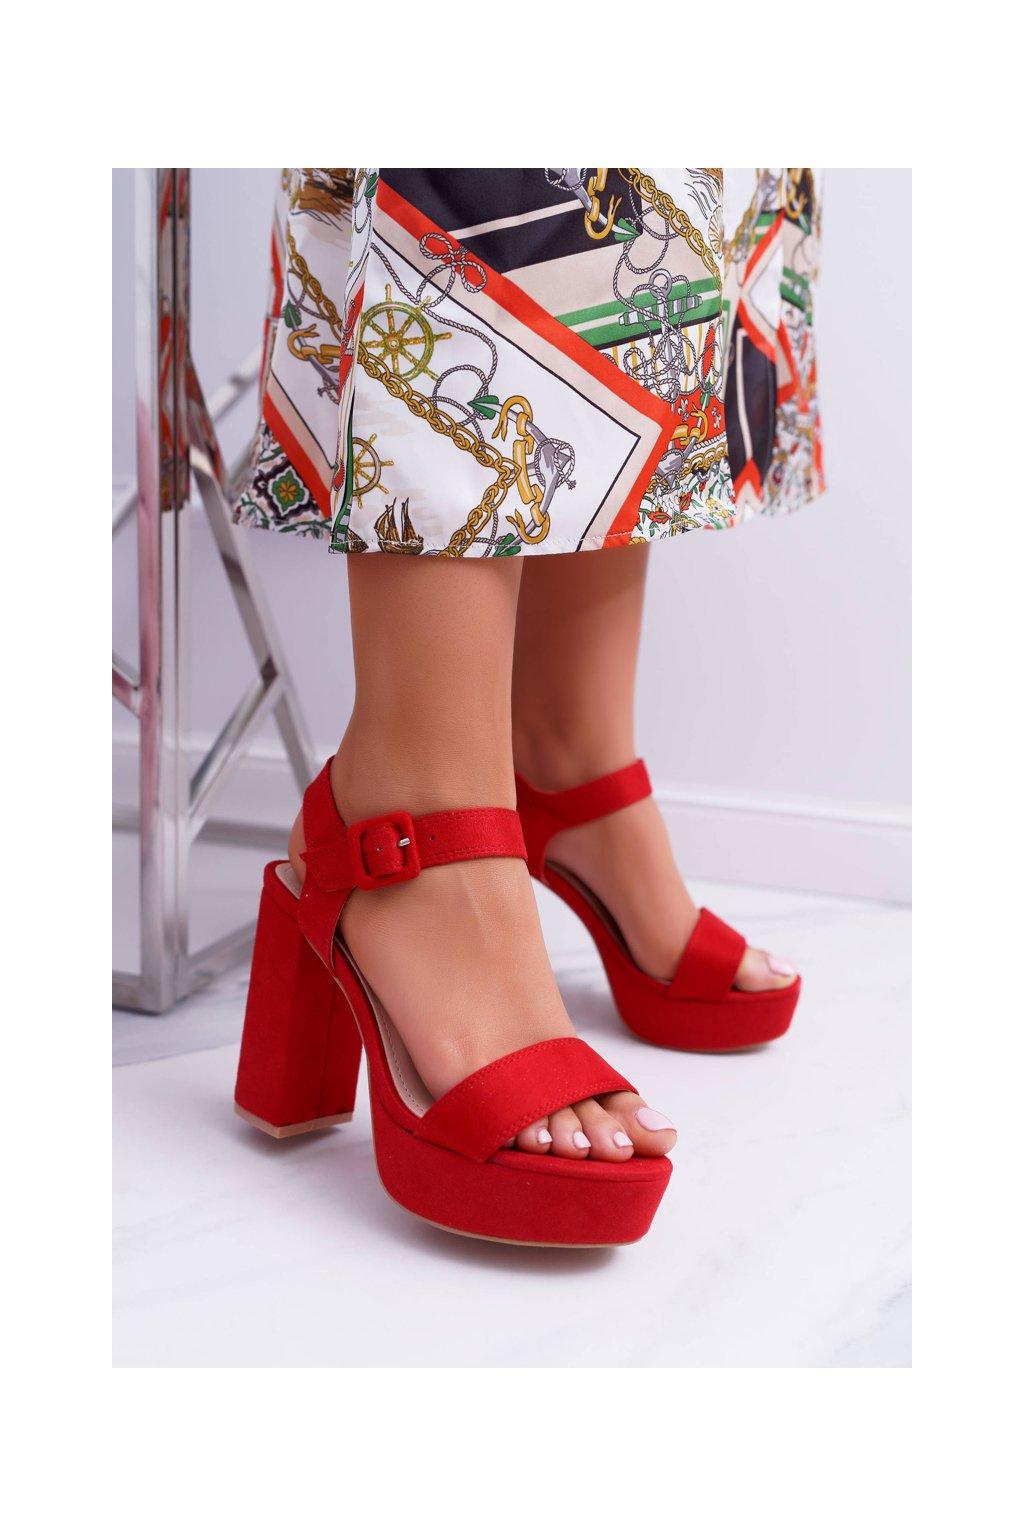 Dámske Sandále na podpätku červené LaMondes NJSK 66-33 RED